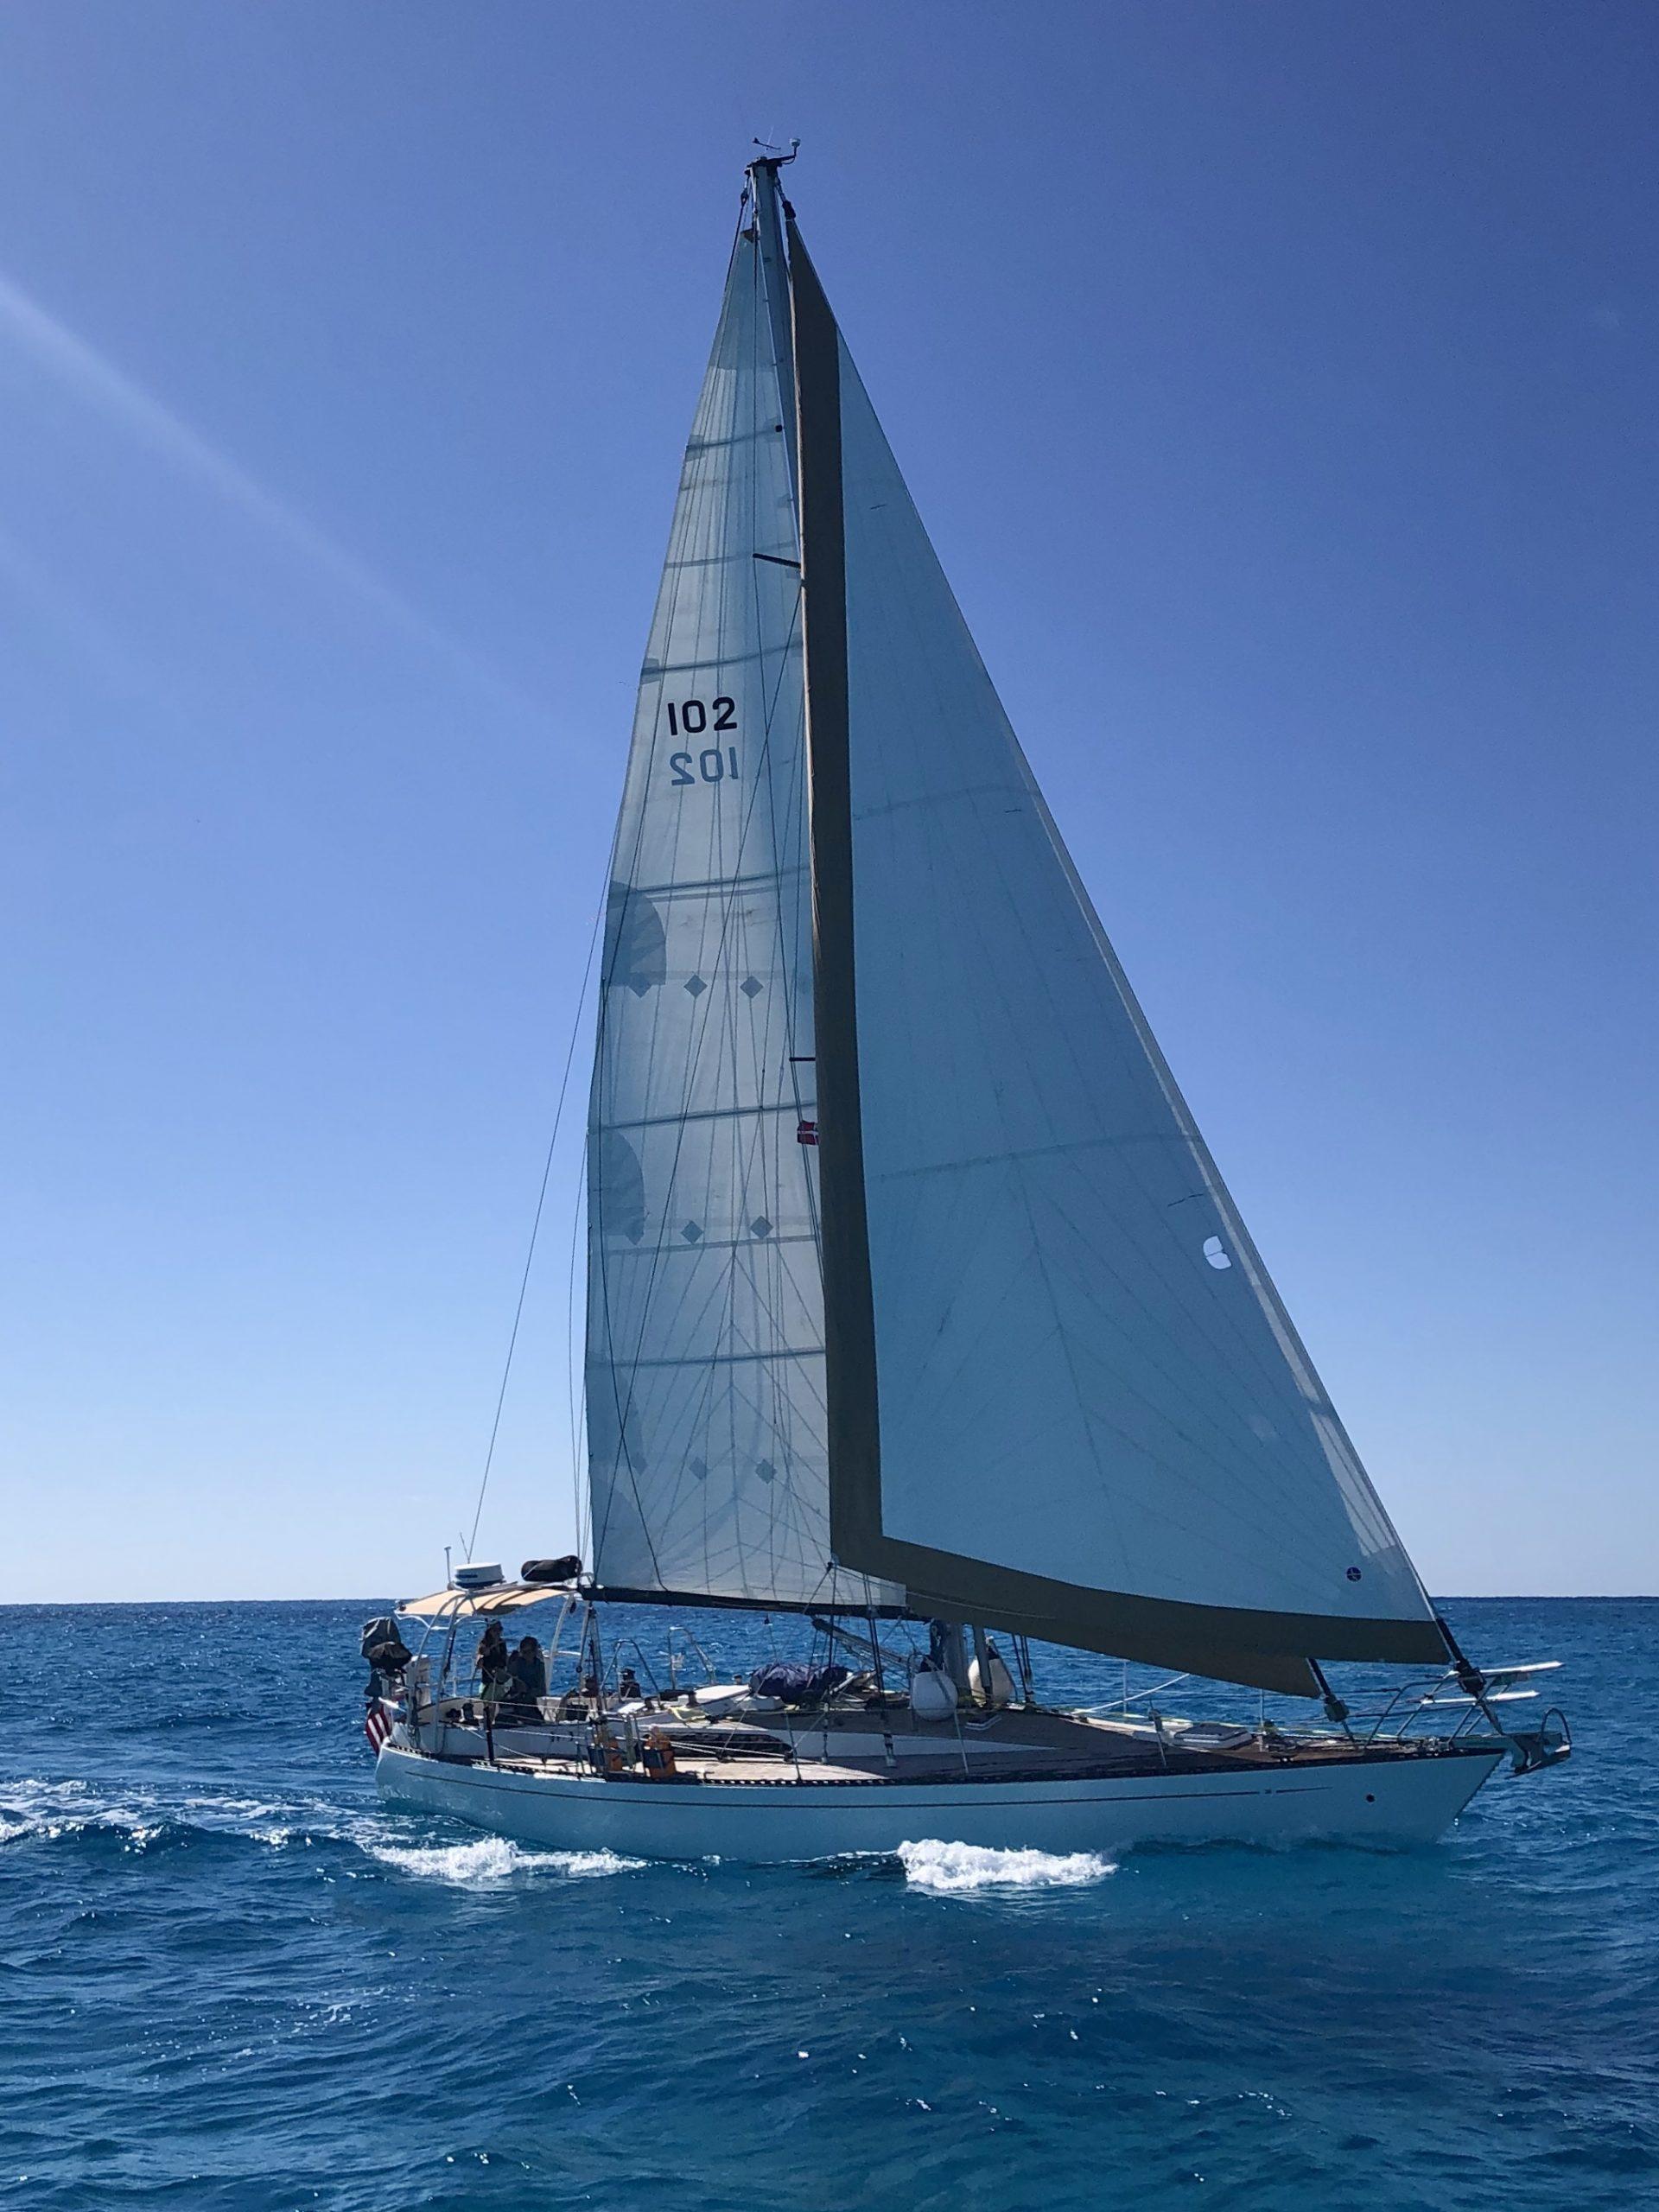 sail-redemption